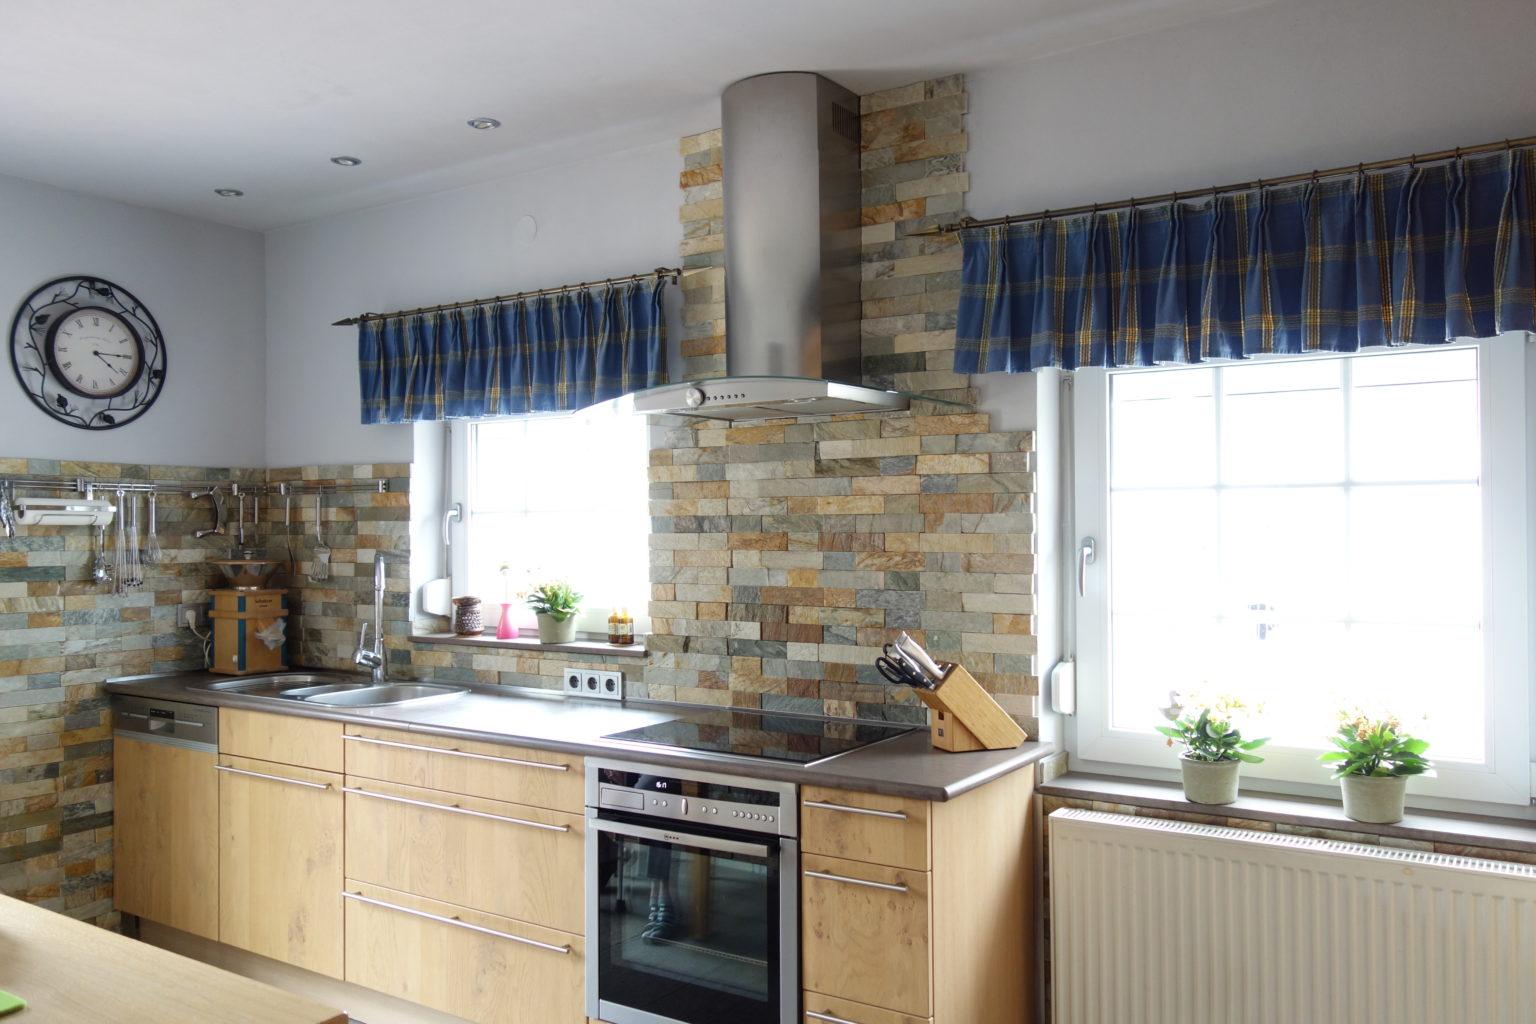 Küchenspiegel mit Rustikalem Stäbchen Mosaik